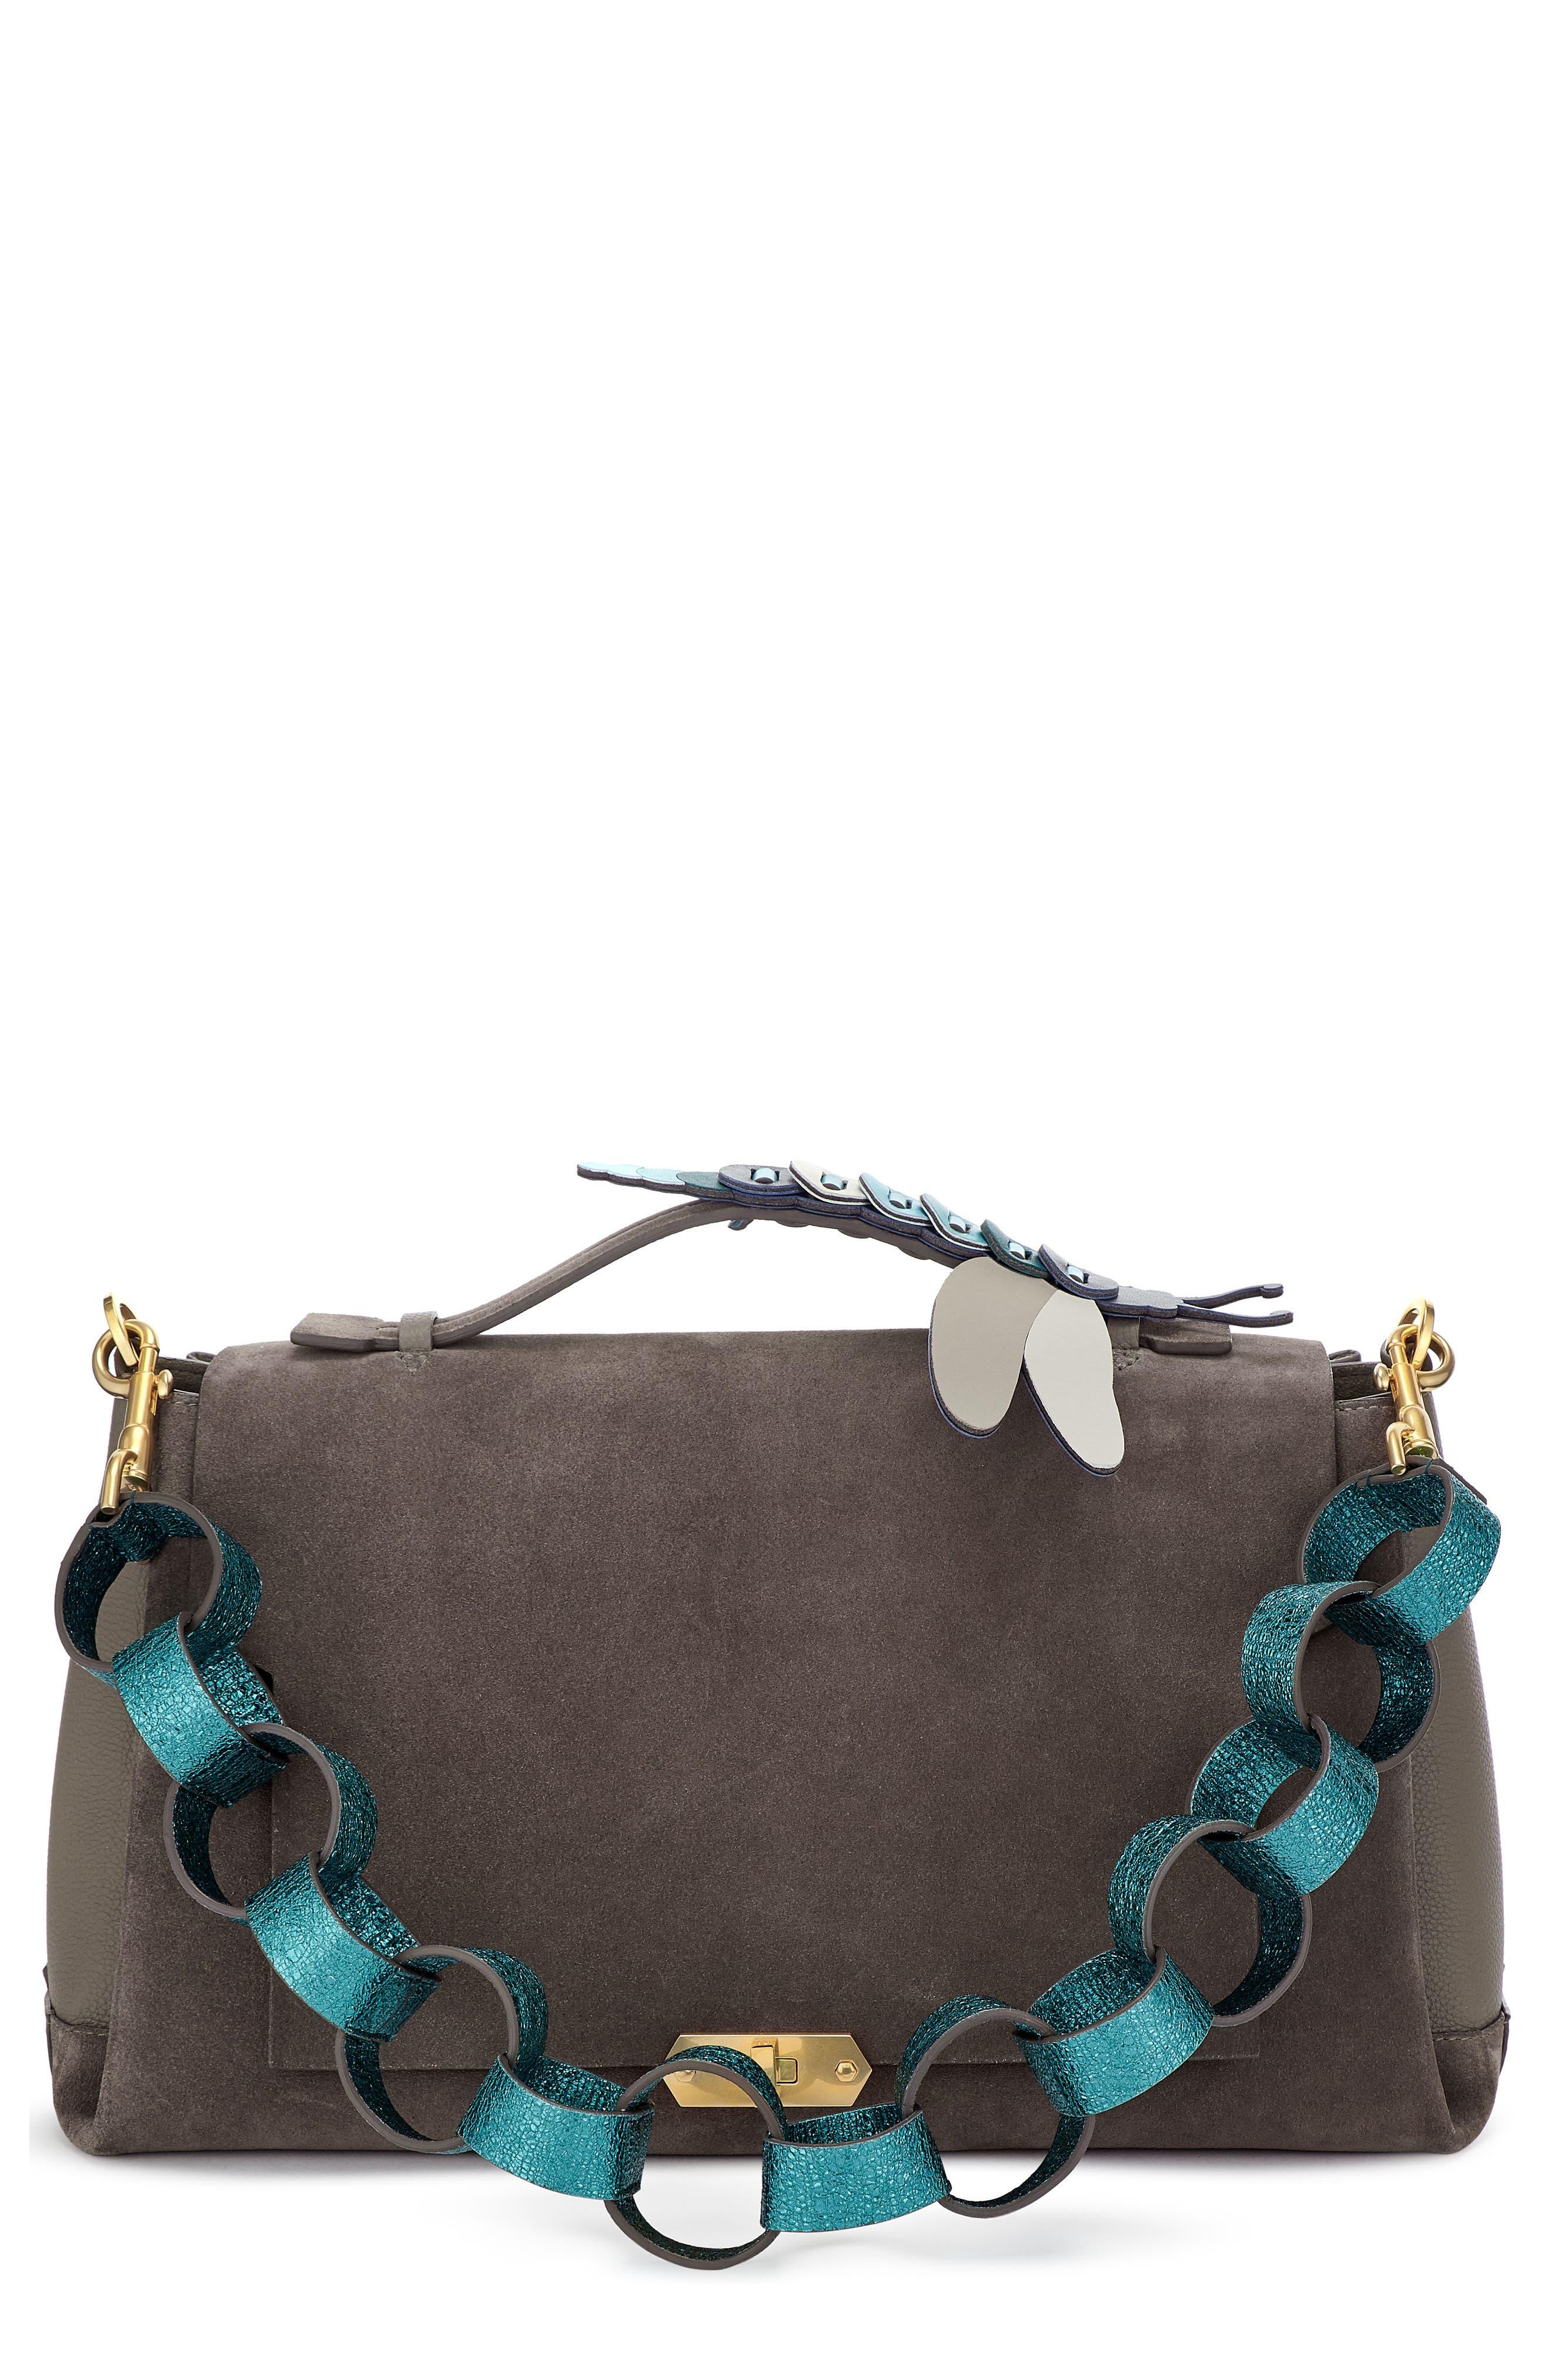 Bathurst Dragonfly Detail Leather & Suede Satchel,                         Main,                         color, Porcini